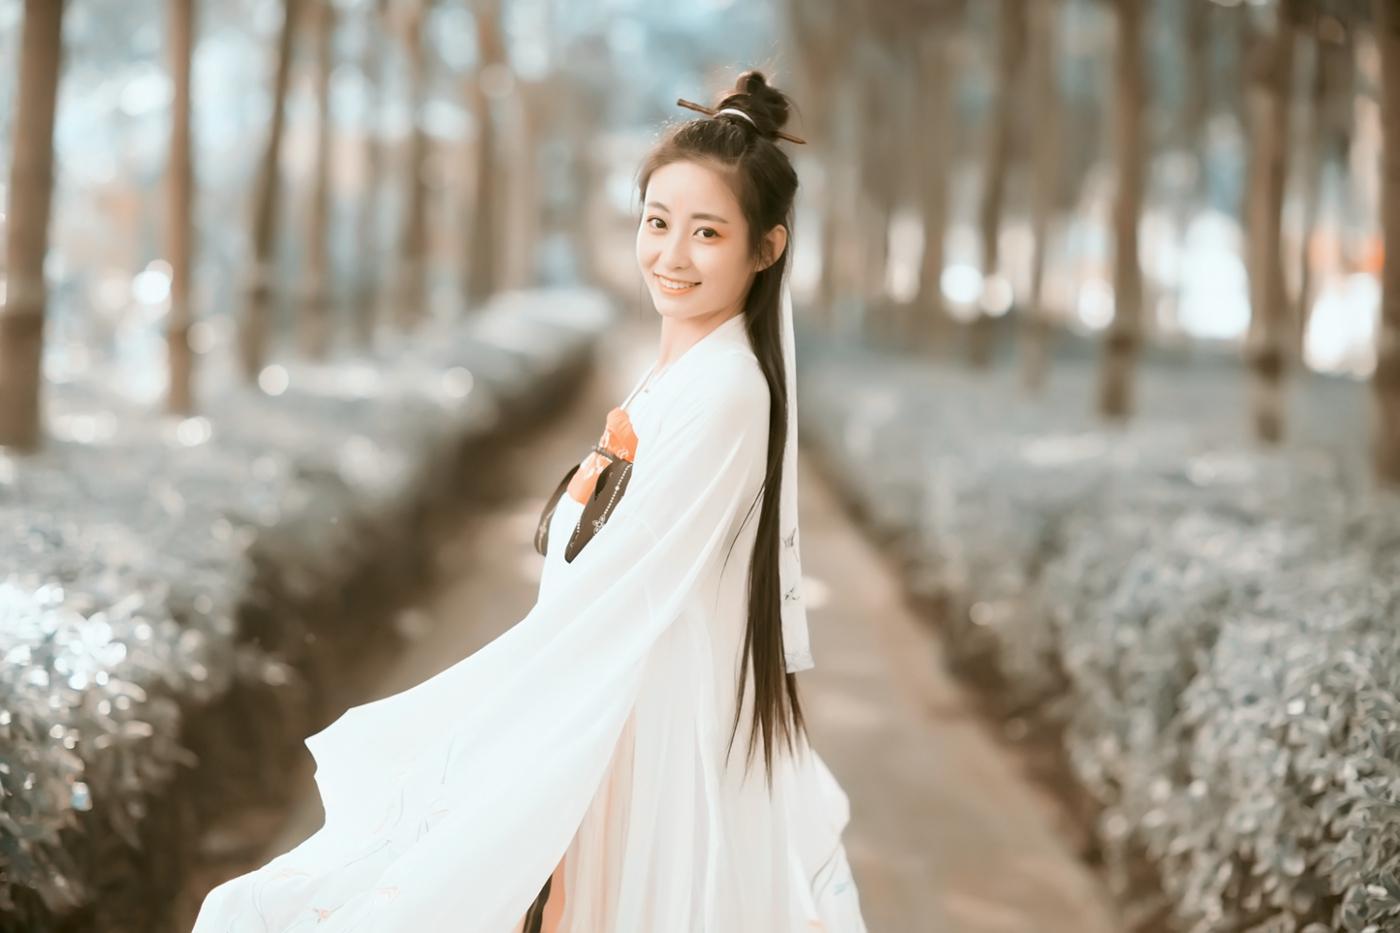 临沂大学汉服女孩张子怡的汉服梦 路边的演绎_图1-8